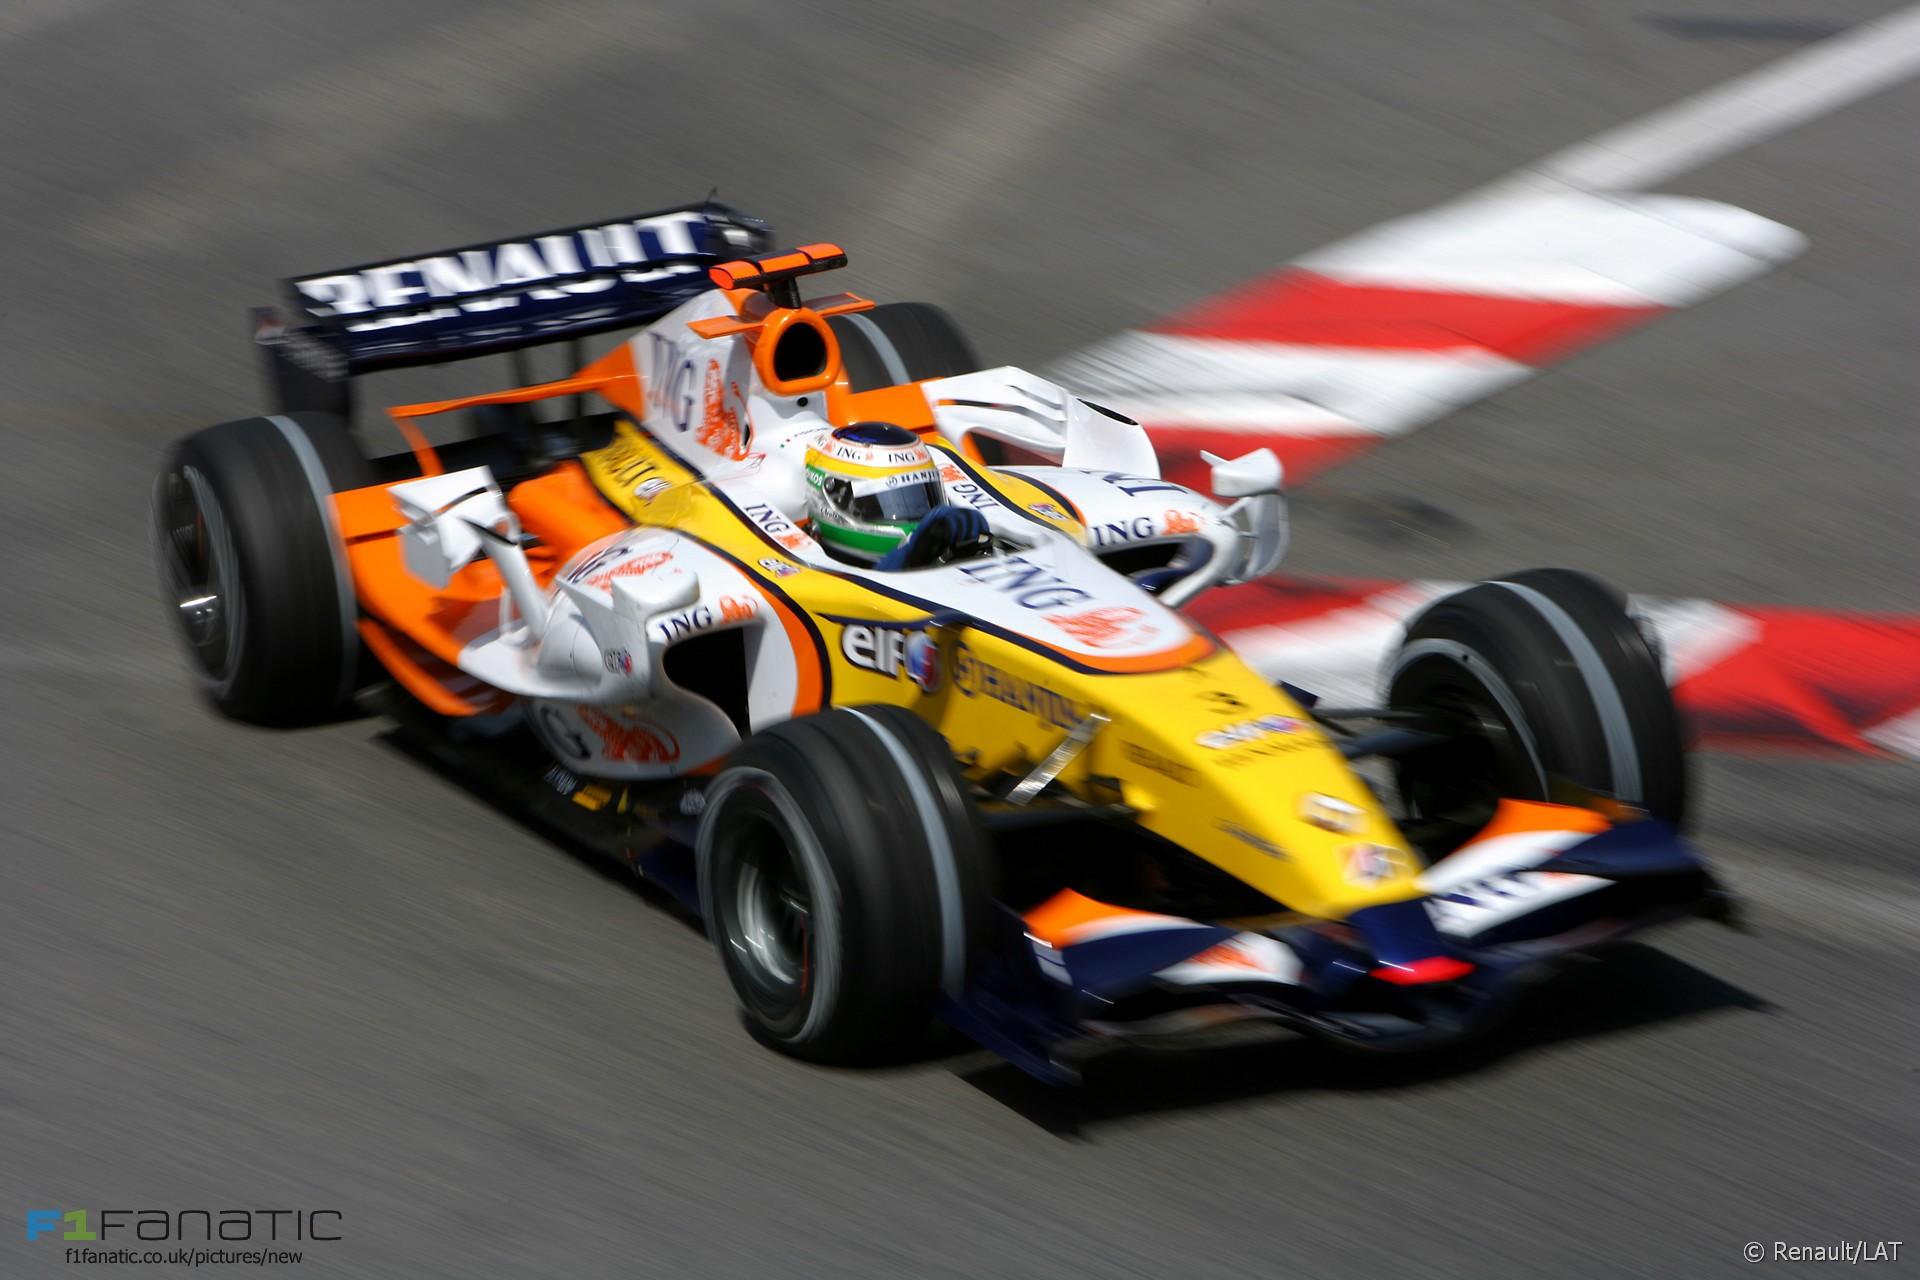 Giancarlo Fisichella, Renault, Monte-Carlo, Monaco, 2007